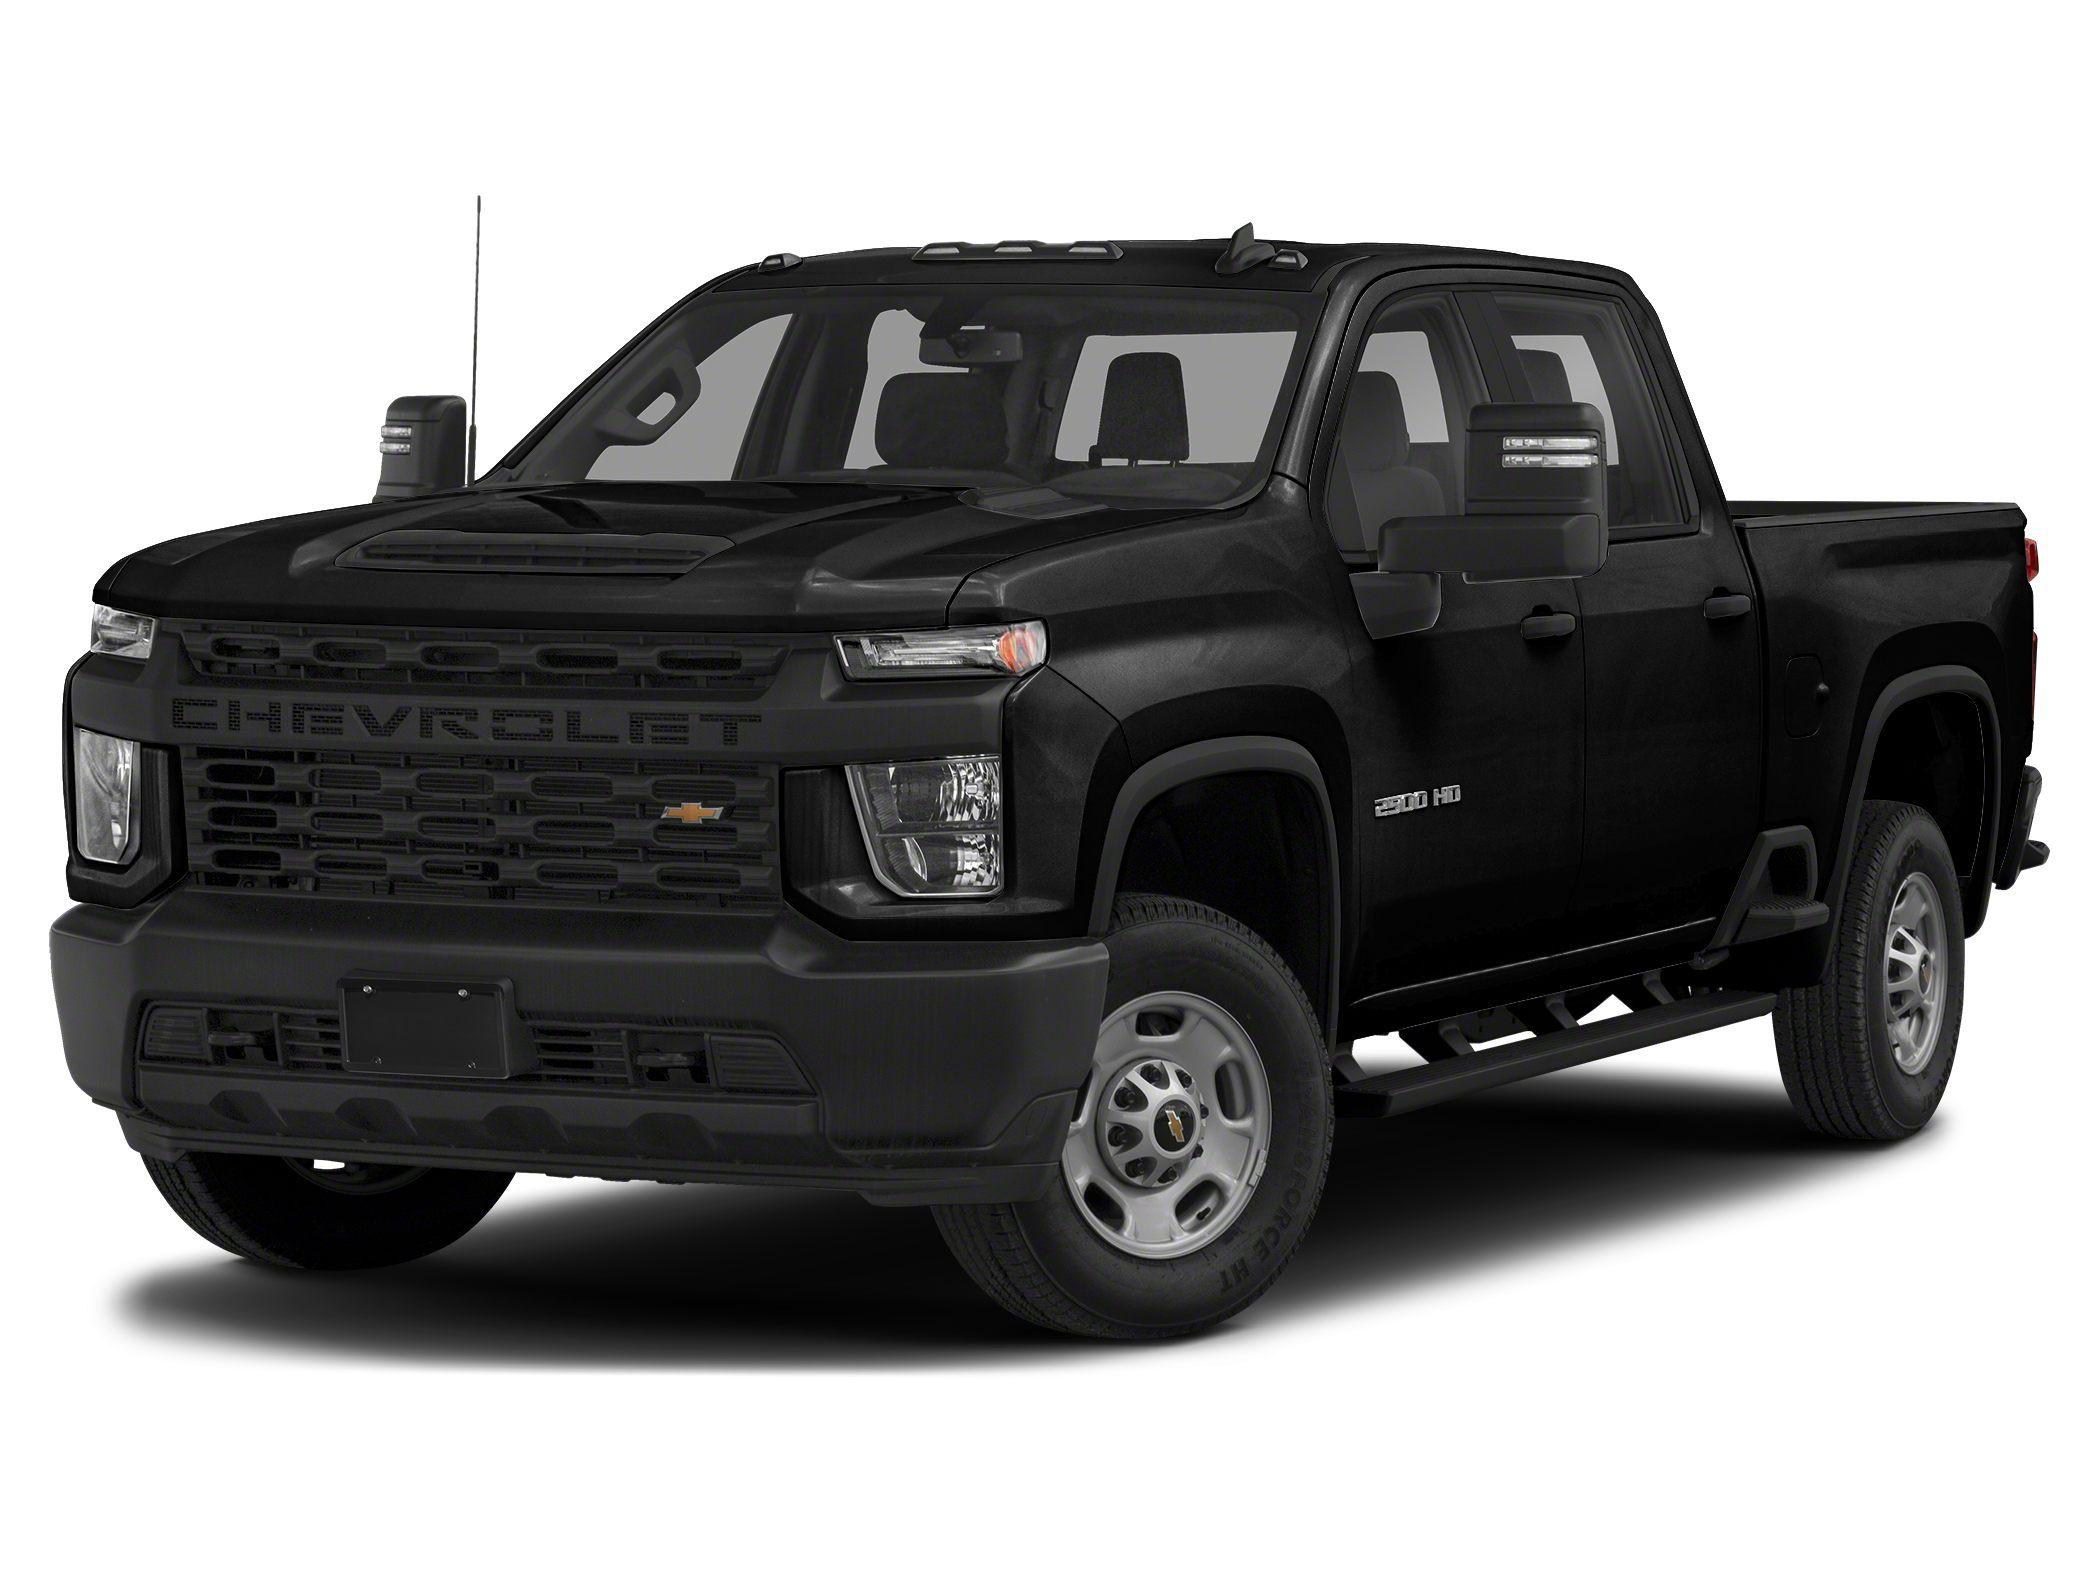 2021 Chevrolet Silverado 2500HD Truck